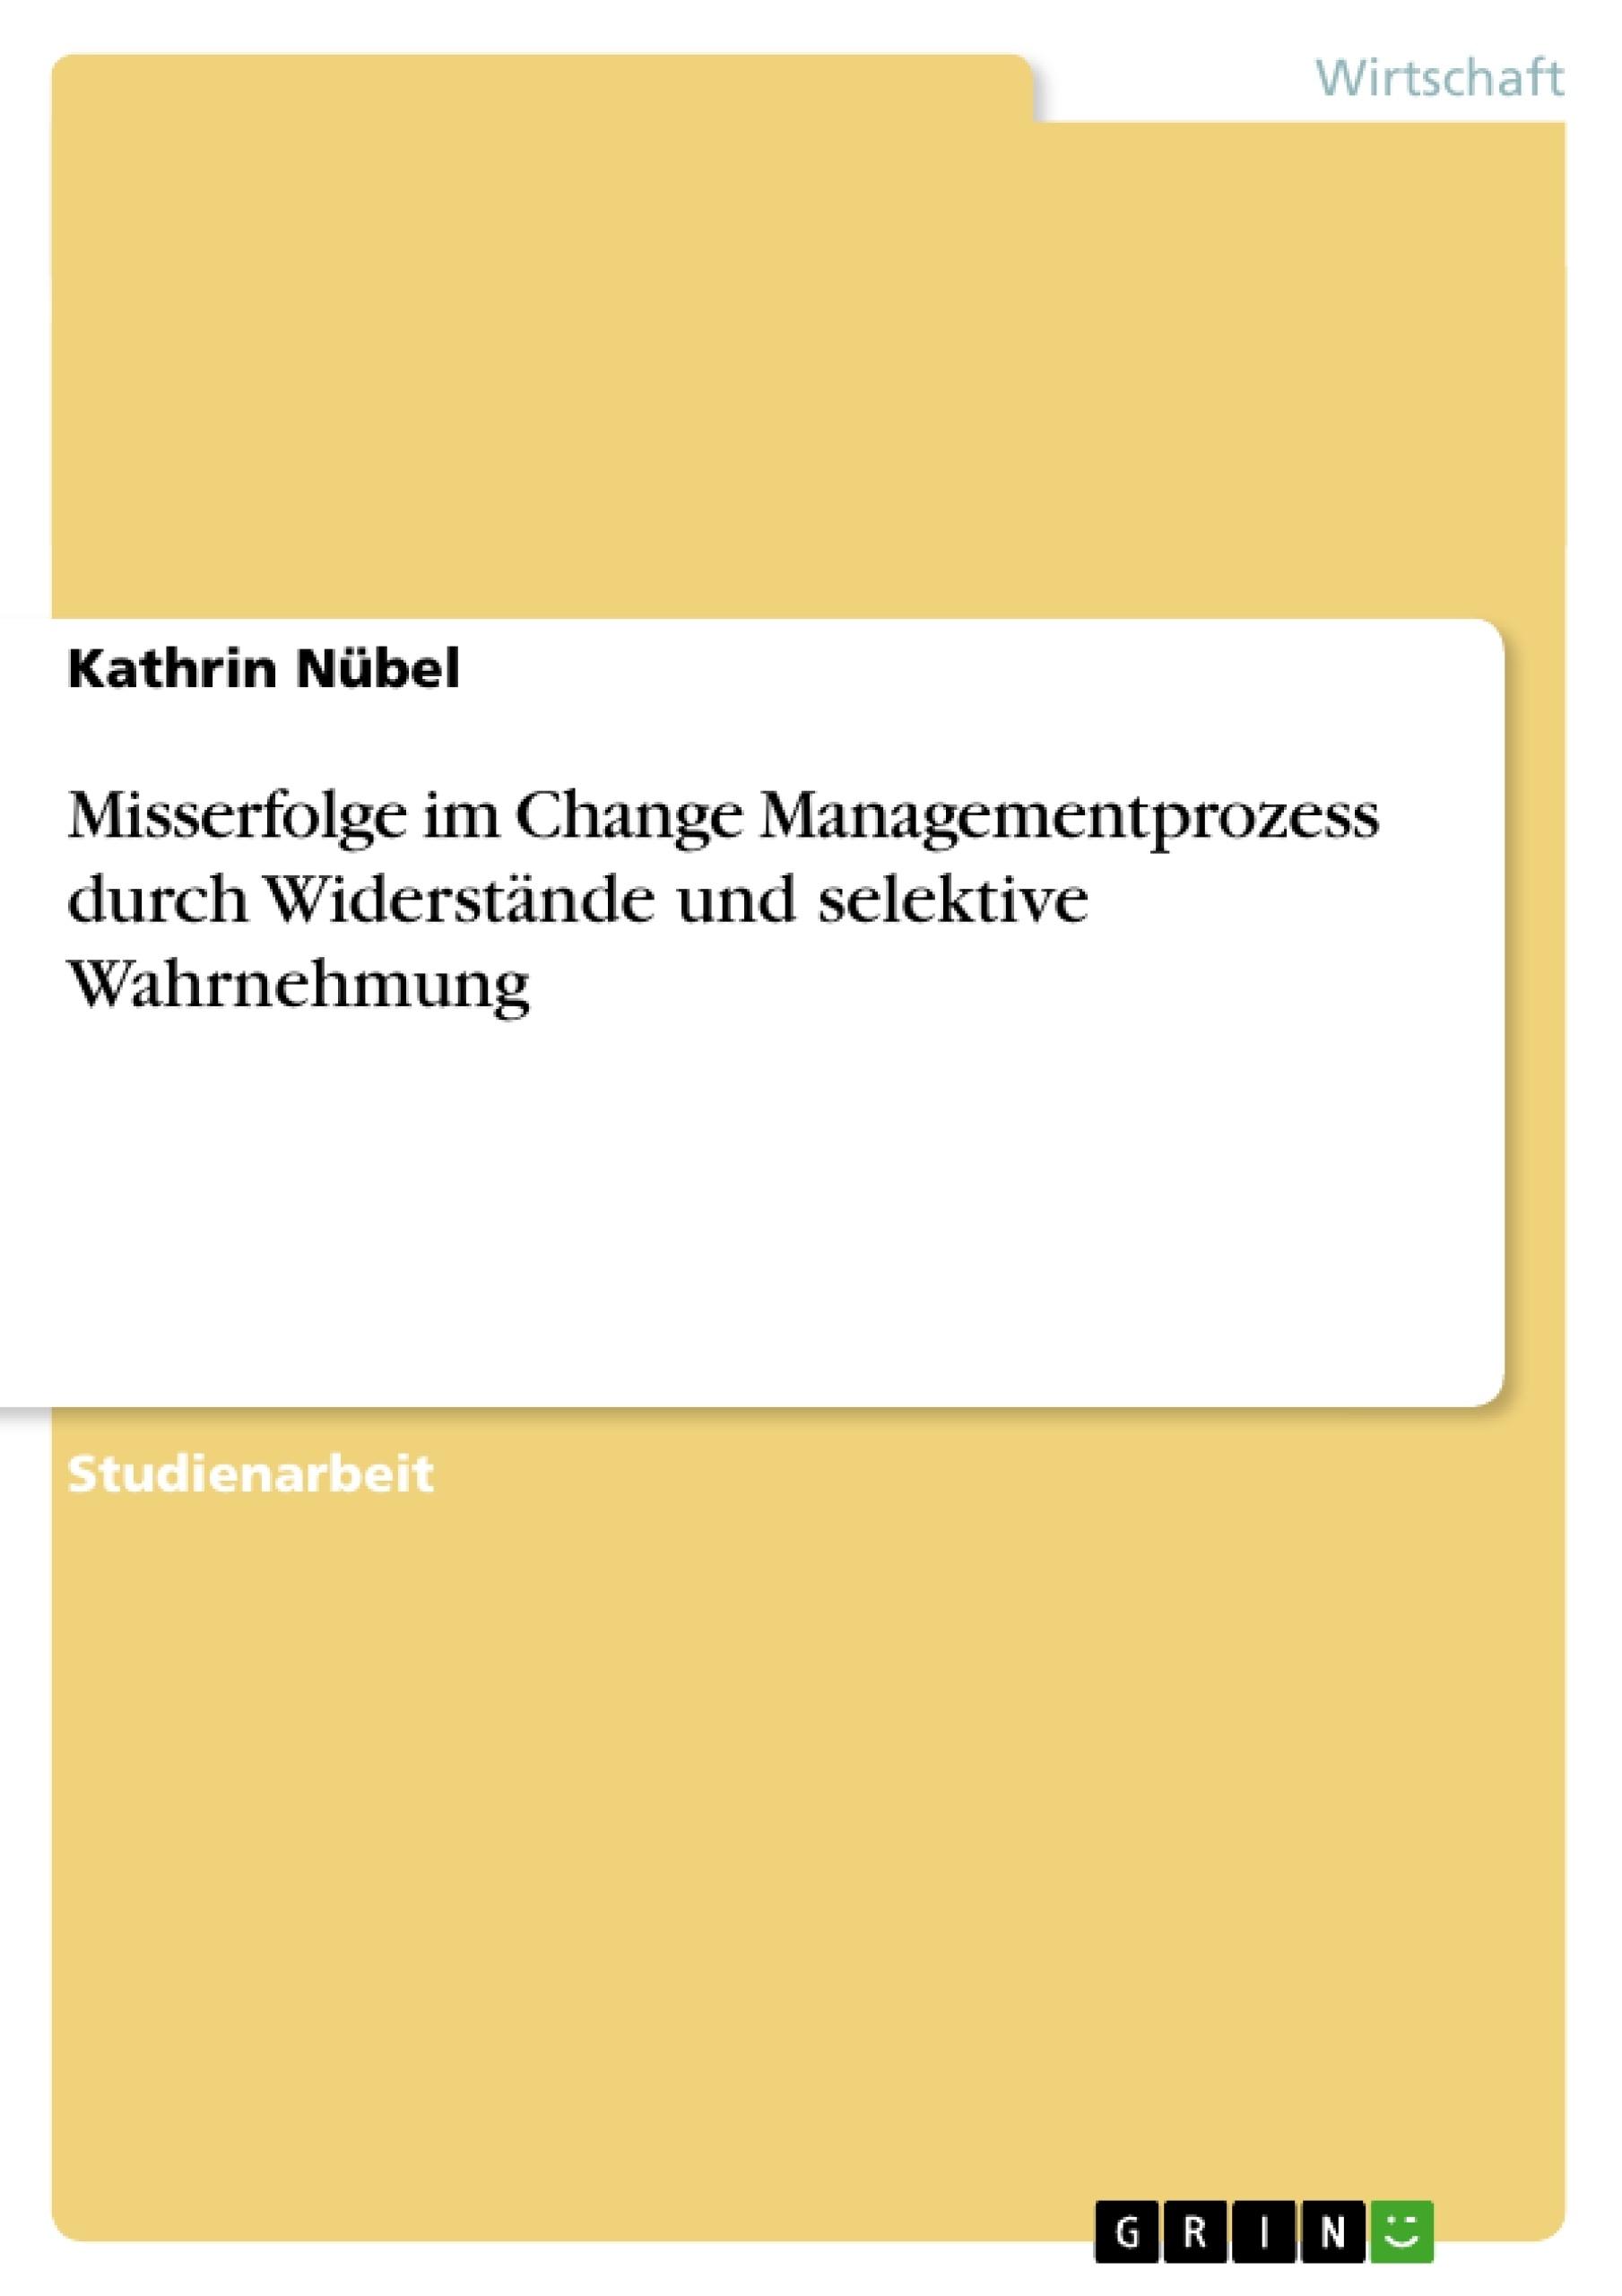 Titel: Misserfolge im Change Managementprozess durch Widerstände und selektive Wahrnehmung